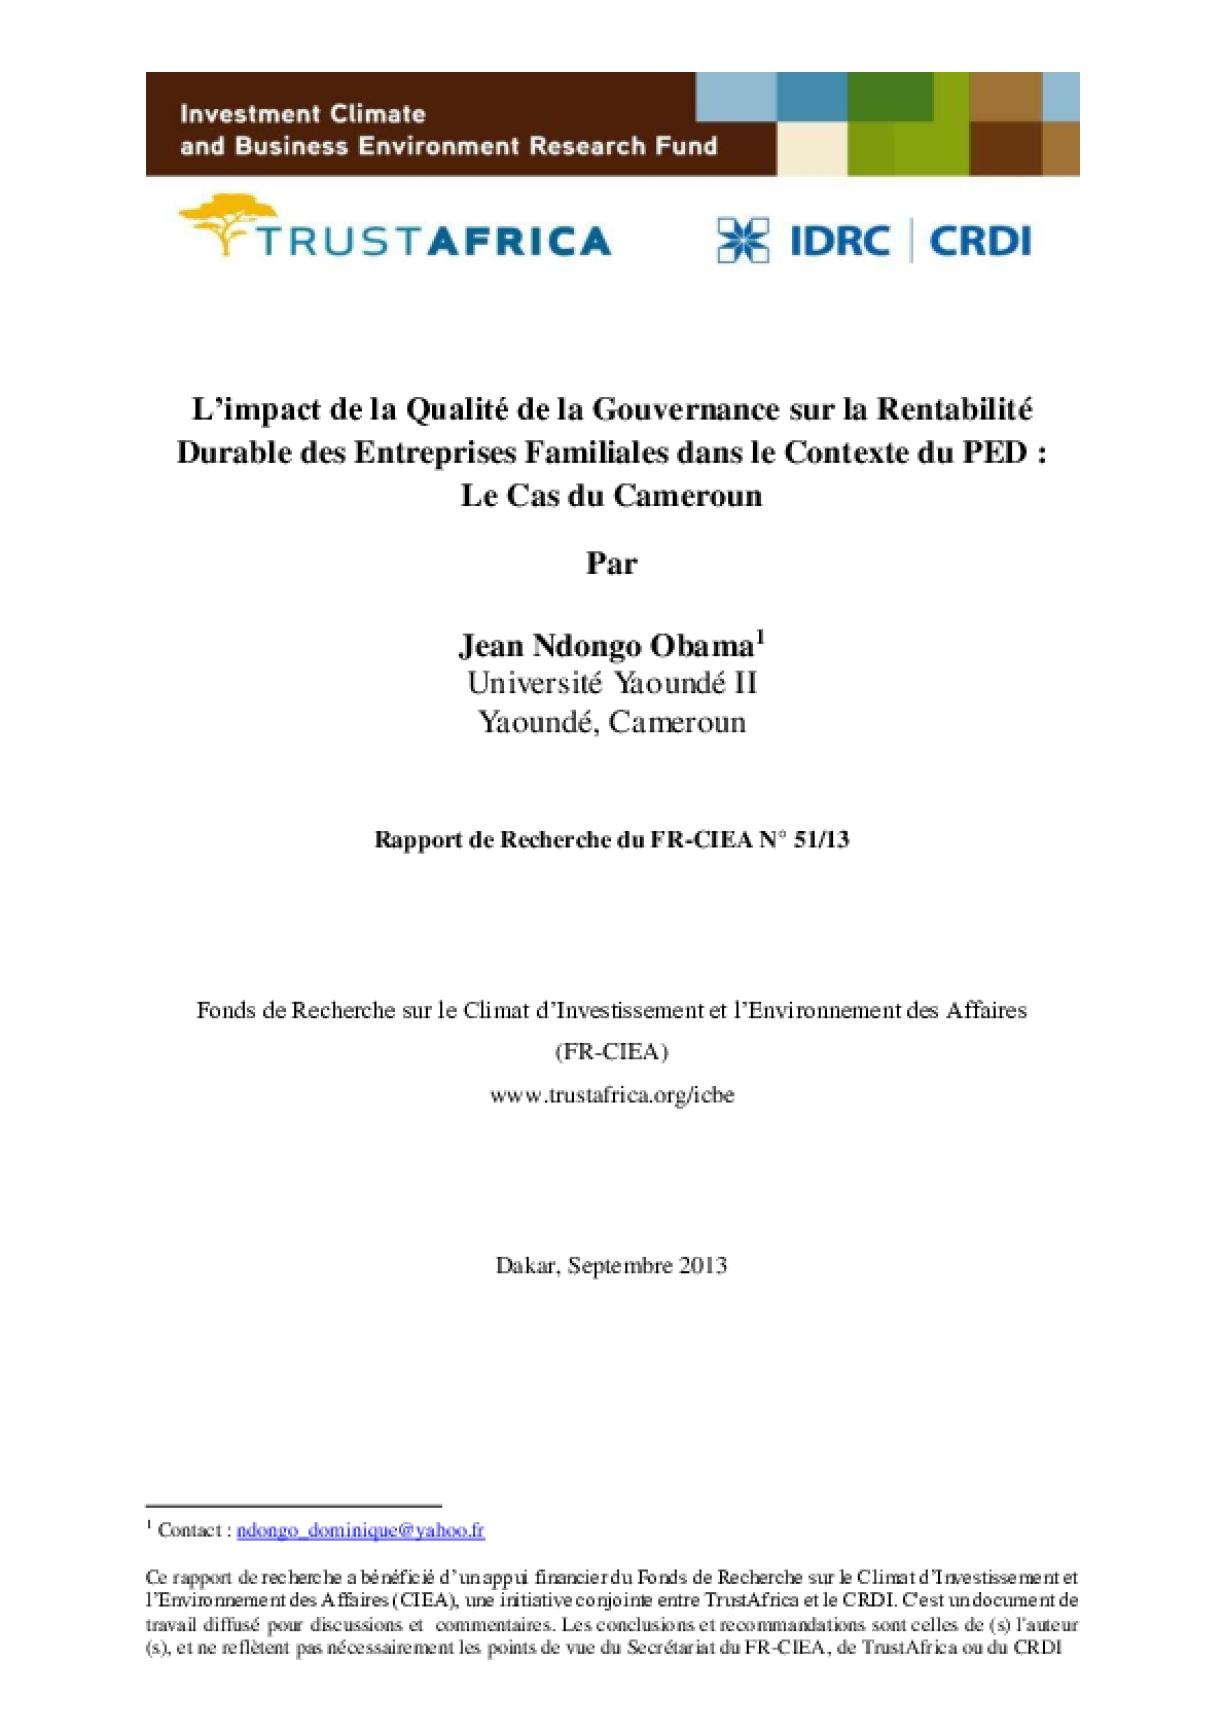 L'impact de la Qualité de la Gouvernance sur la Rentabilité Durable des Entreprises Familiales dans le Contexte du PED : Le Cas du Cameroun